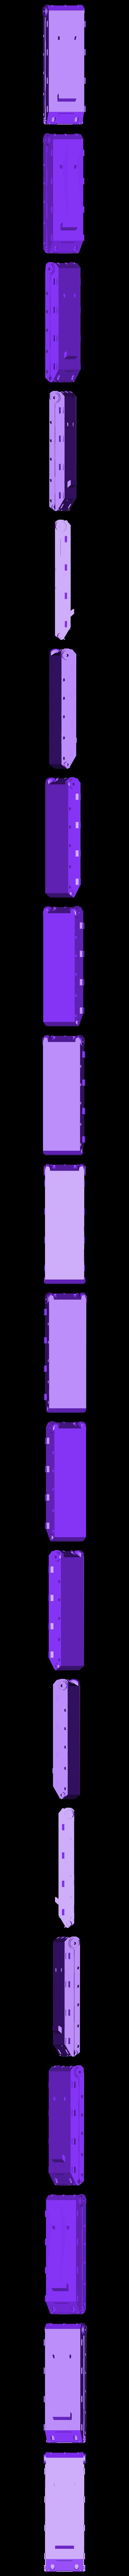 T-34-76 - hull_base.stl Télécharger fichier STL T-34/76 pour l'assemblage, avec voies mobiles • Objet pour imprimante 3D, c47